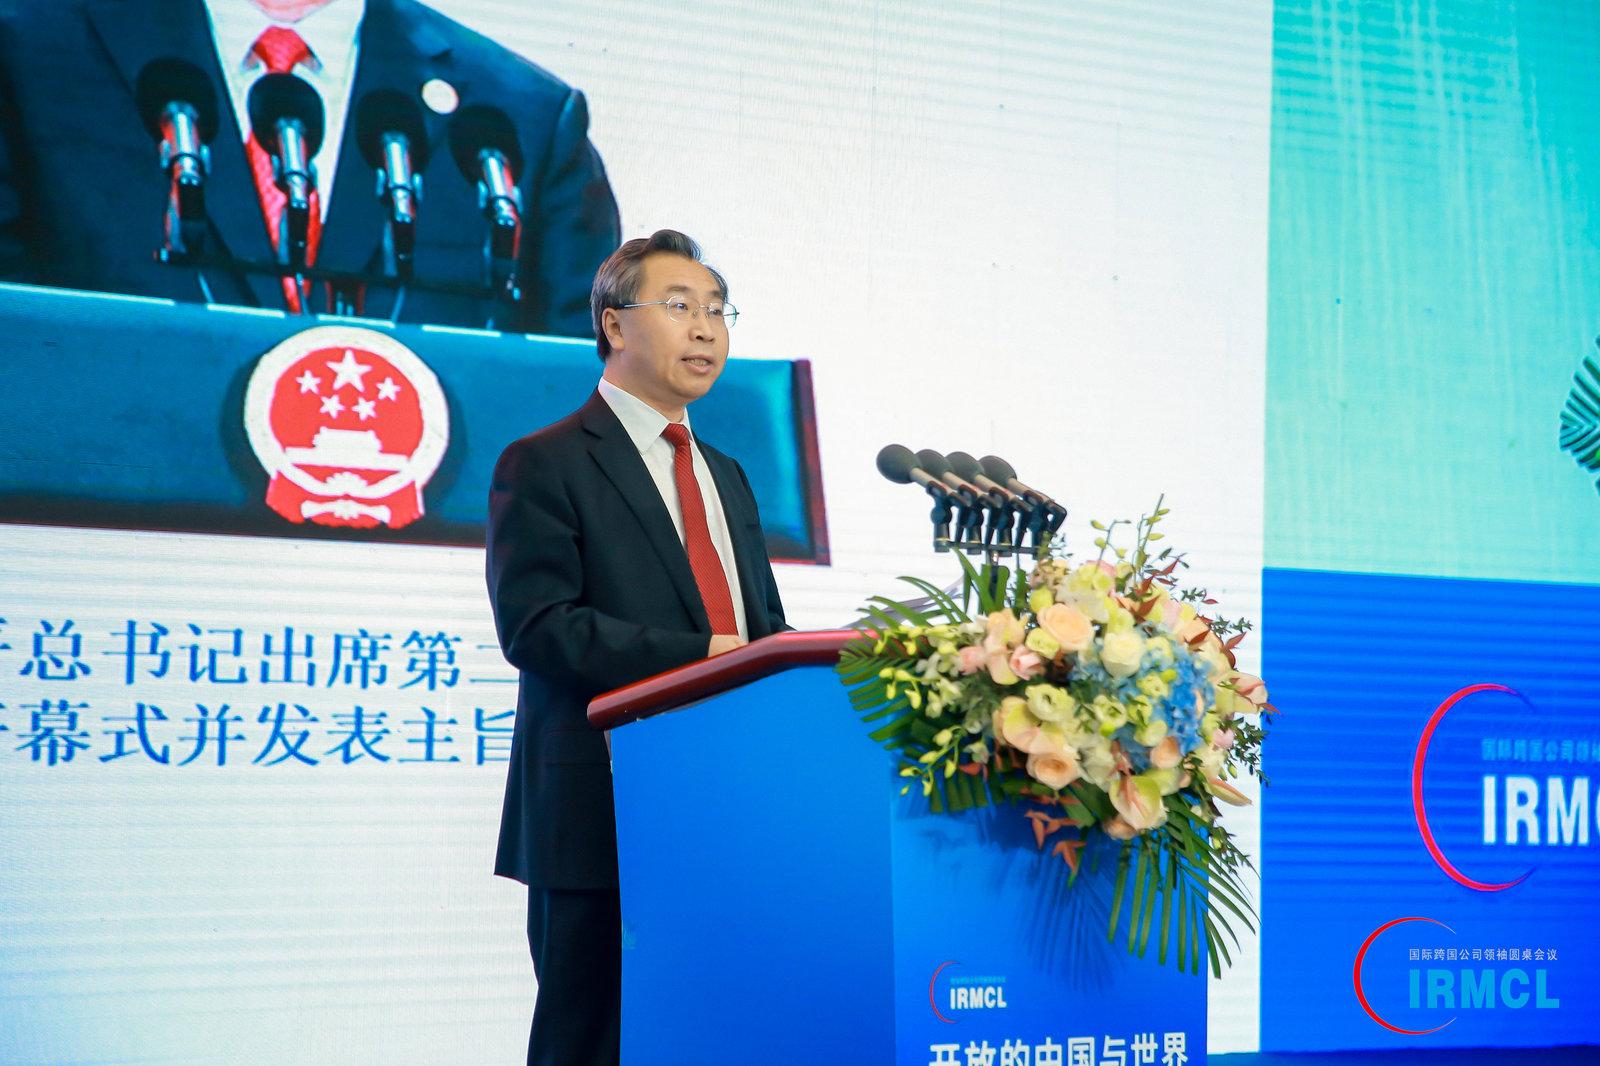 刘敬桢:面对世界经济和全球治理体系新的挑战 不能靠单打独斗